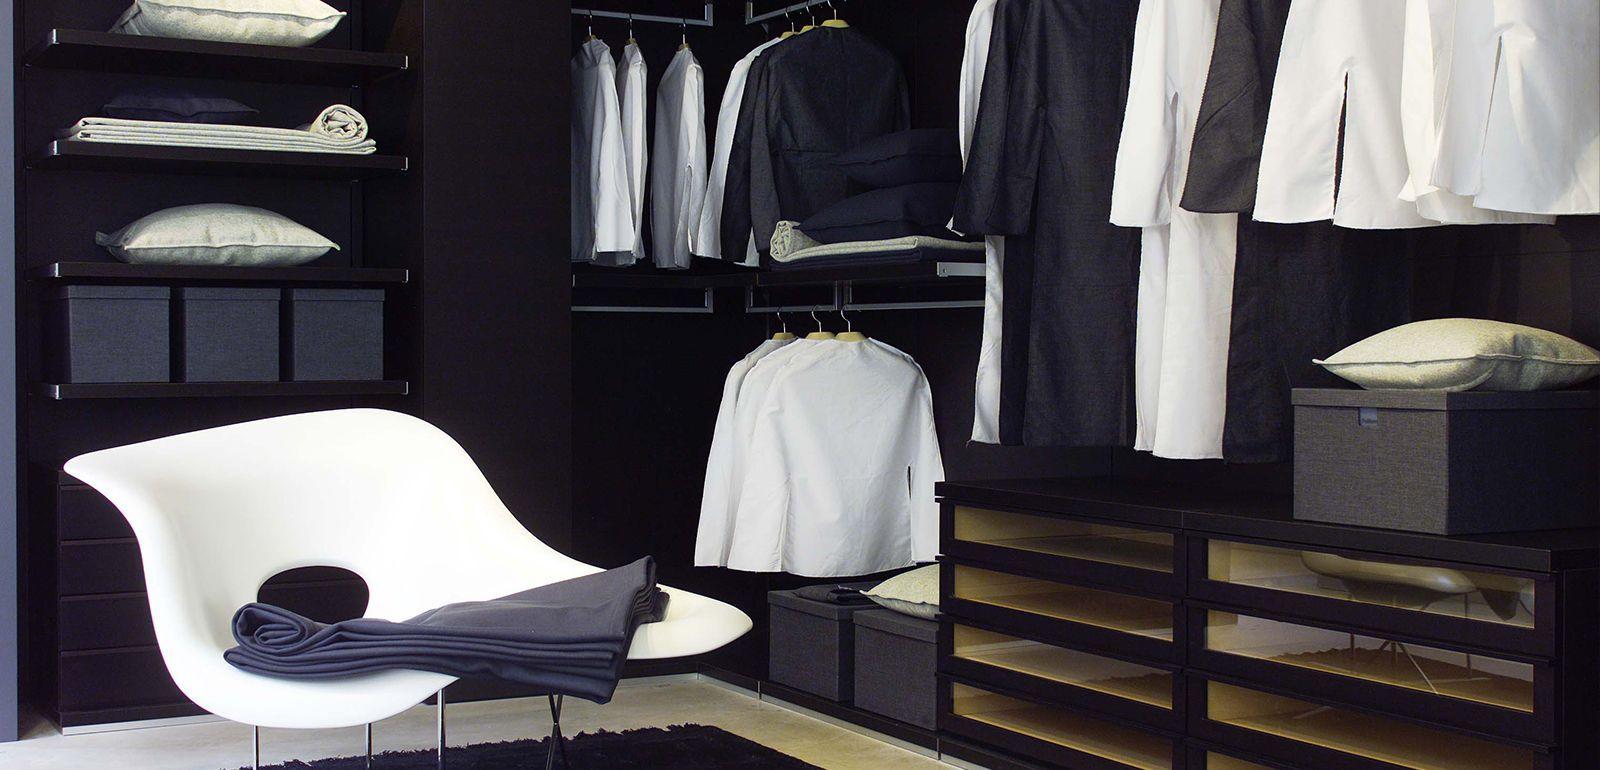 mobilier design pour les entreprises et les particuliers silvera kleber